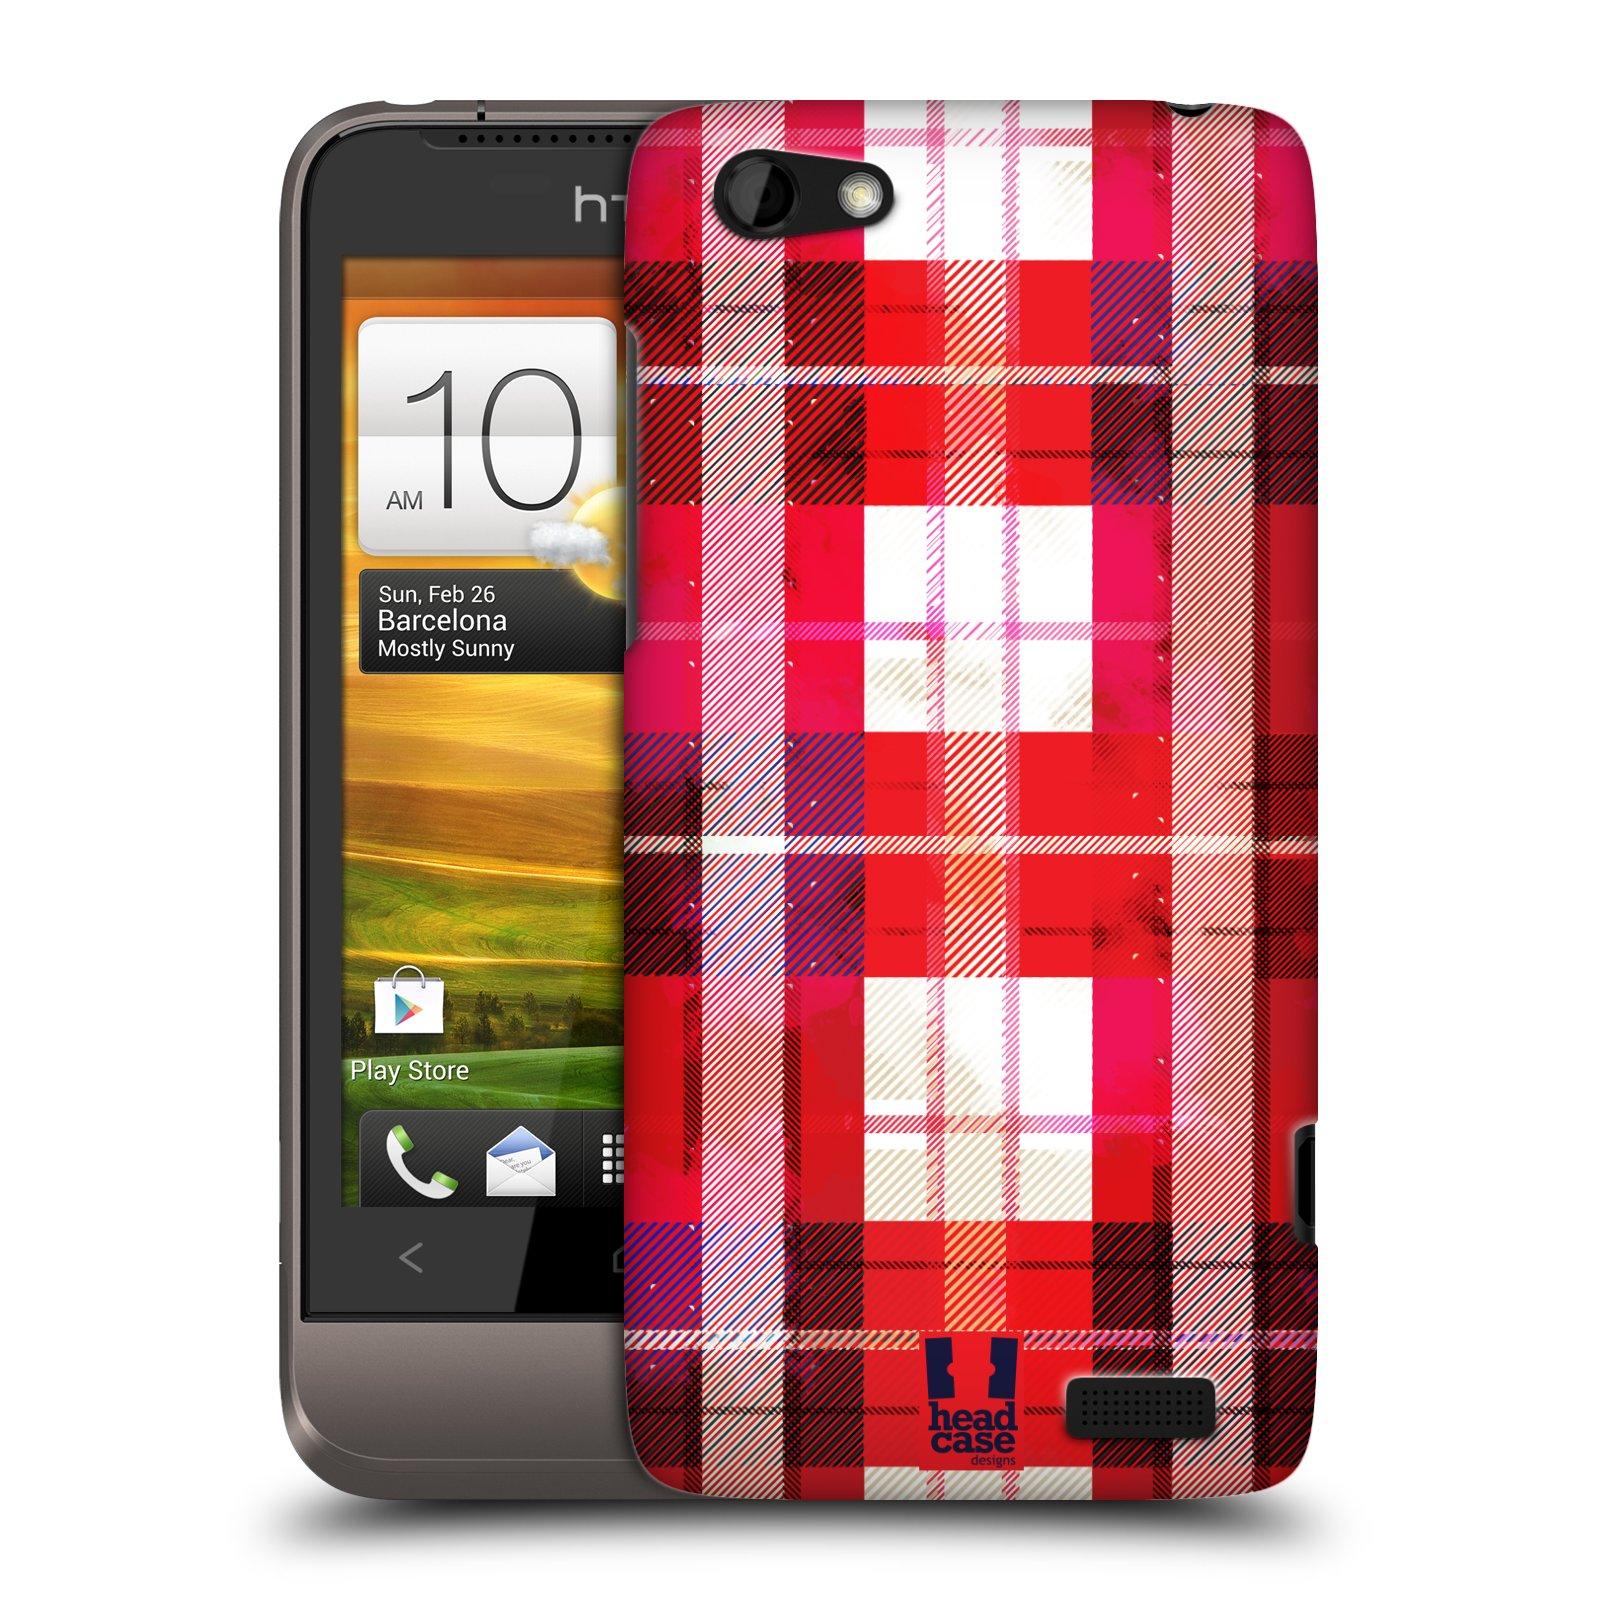 Plastové pouzdro na mobil HTC ONE V HEAD CASE FLANEL RED (Kryt či obal na mobilní telefon HTC ONE V)